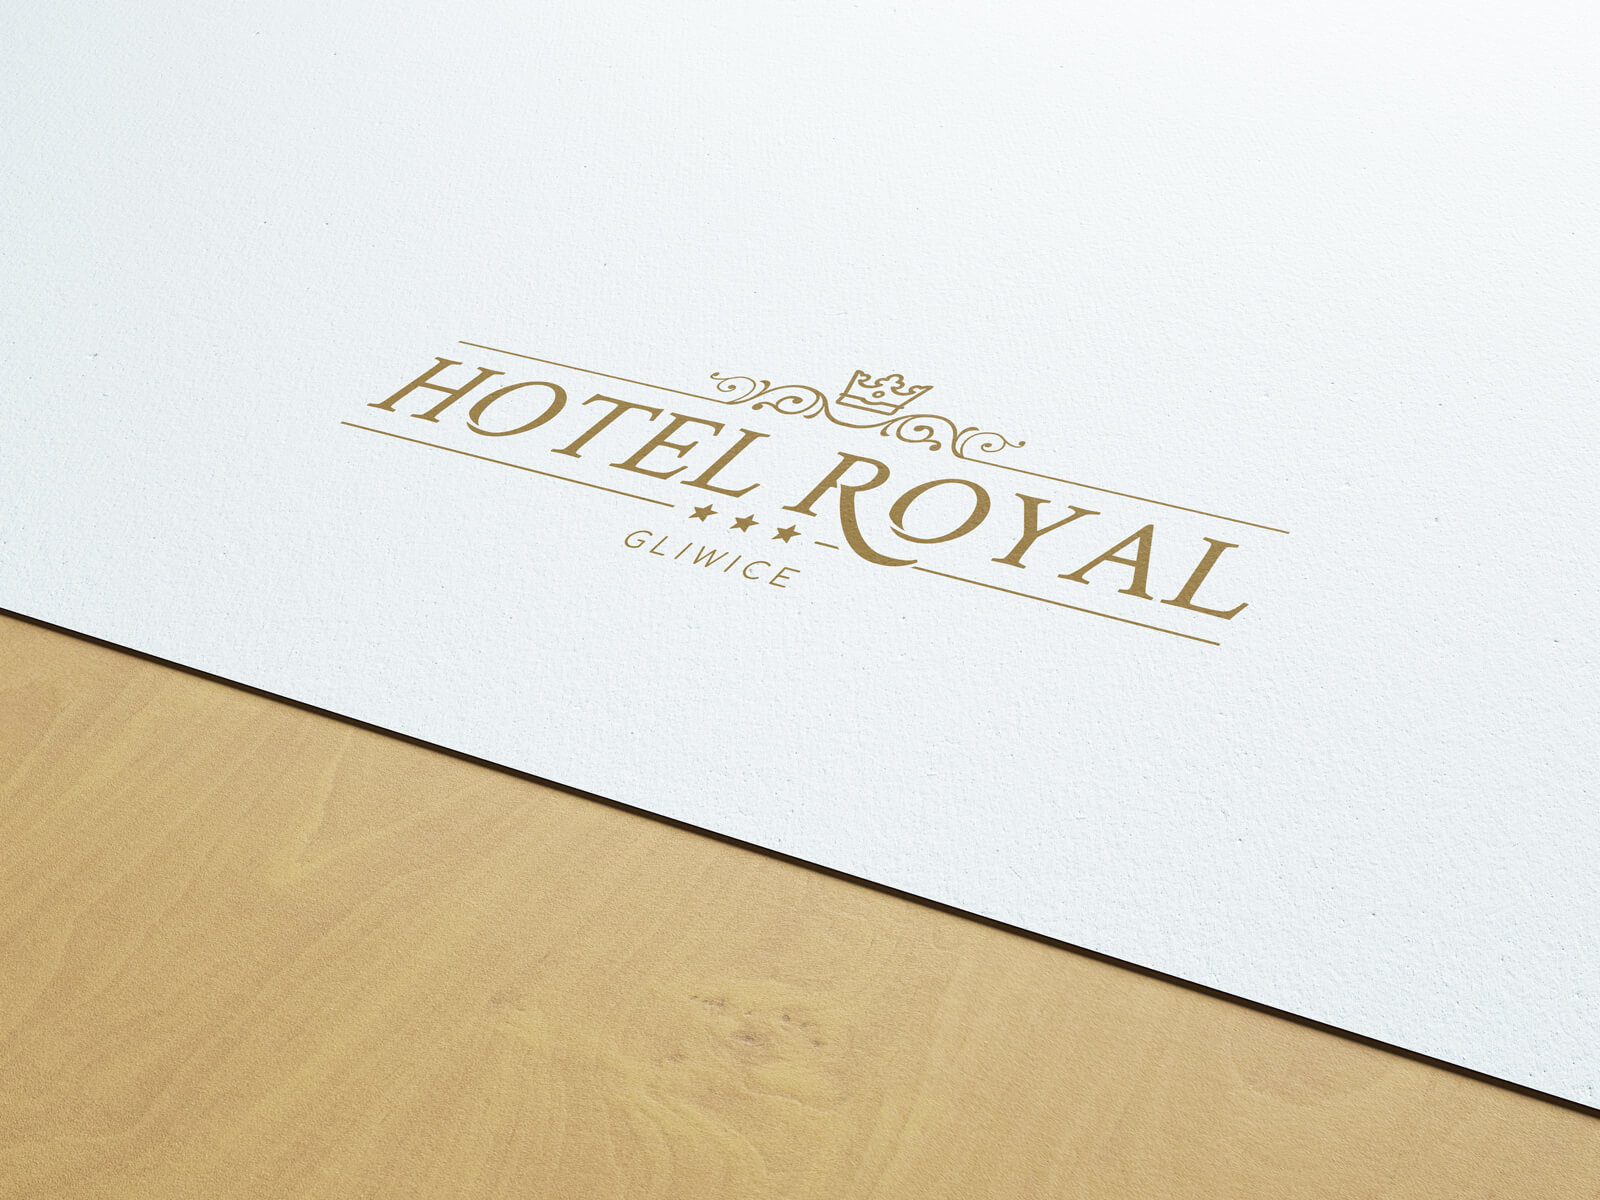 Projektowanie logo - nowe logo dla Hotelu Royal z Gliwic na Śląsku.